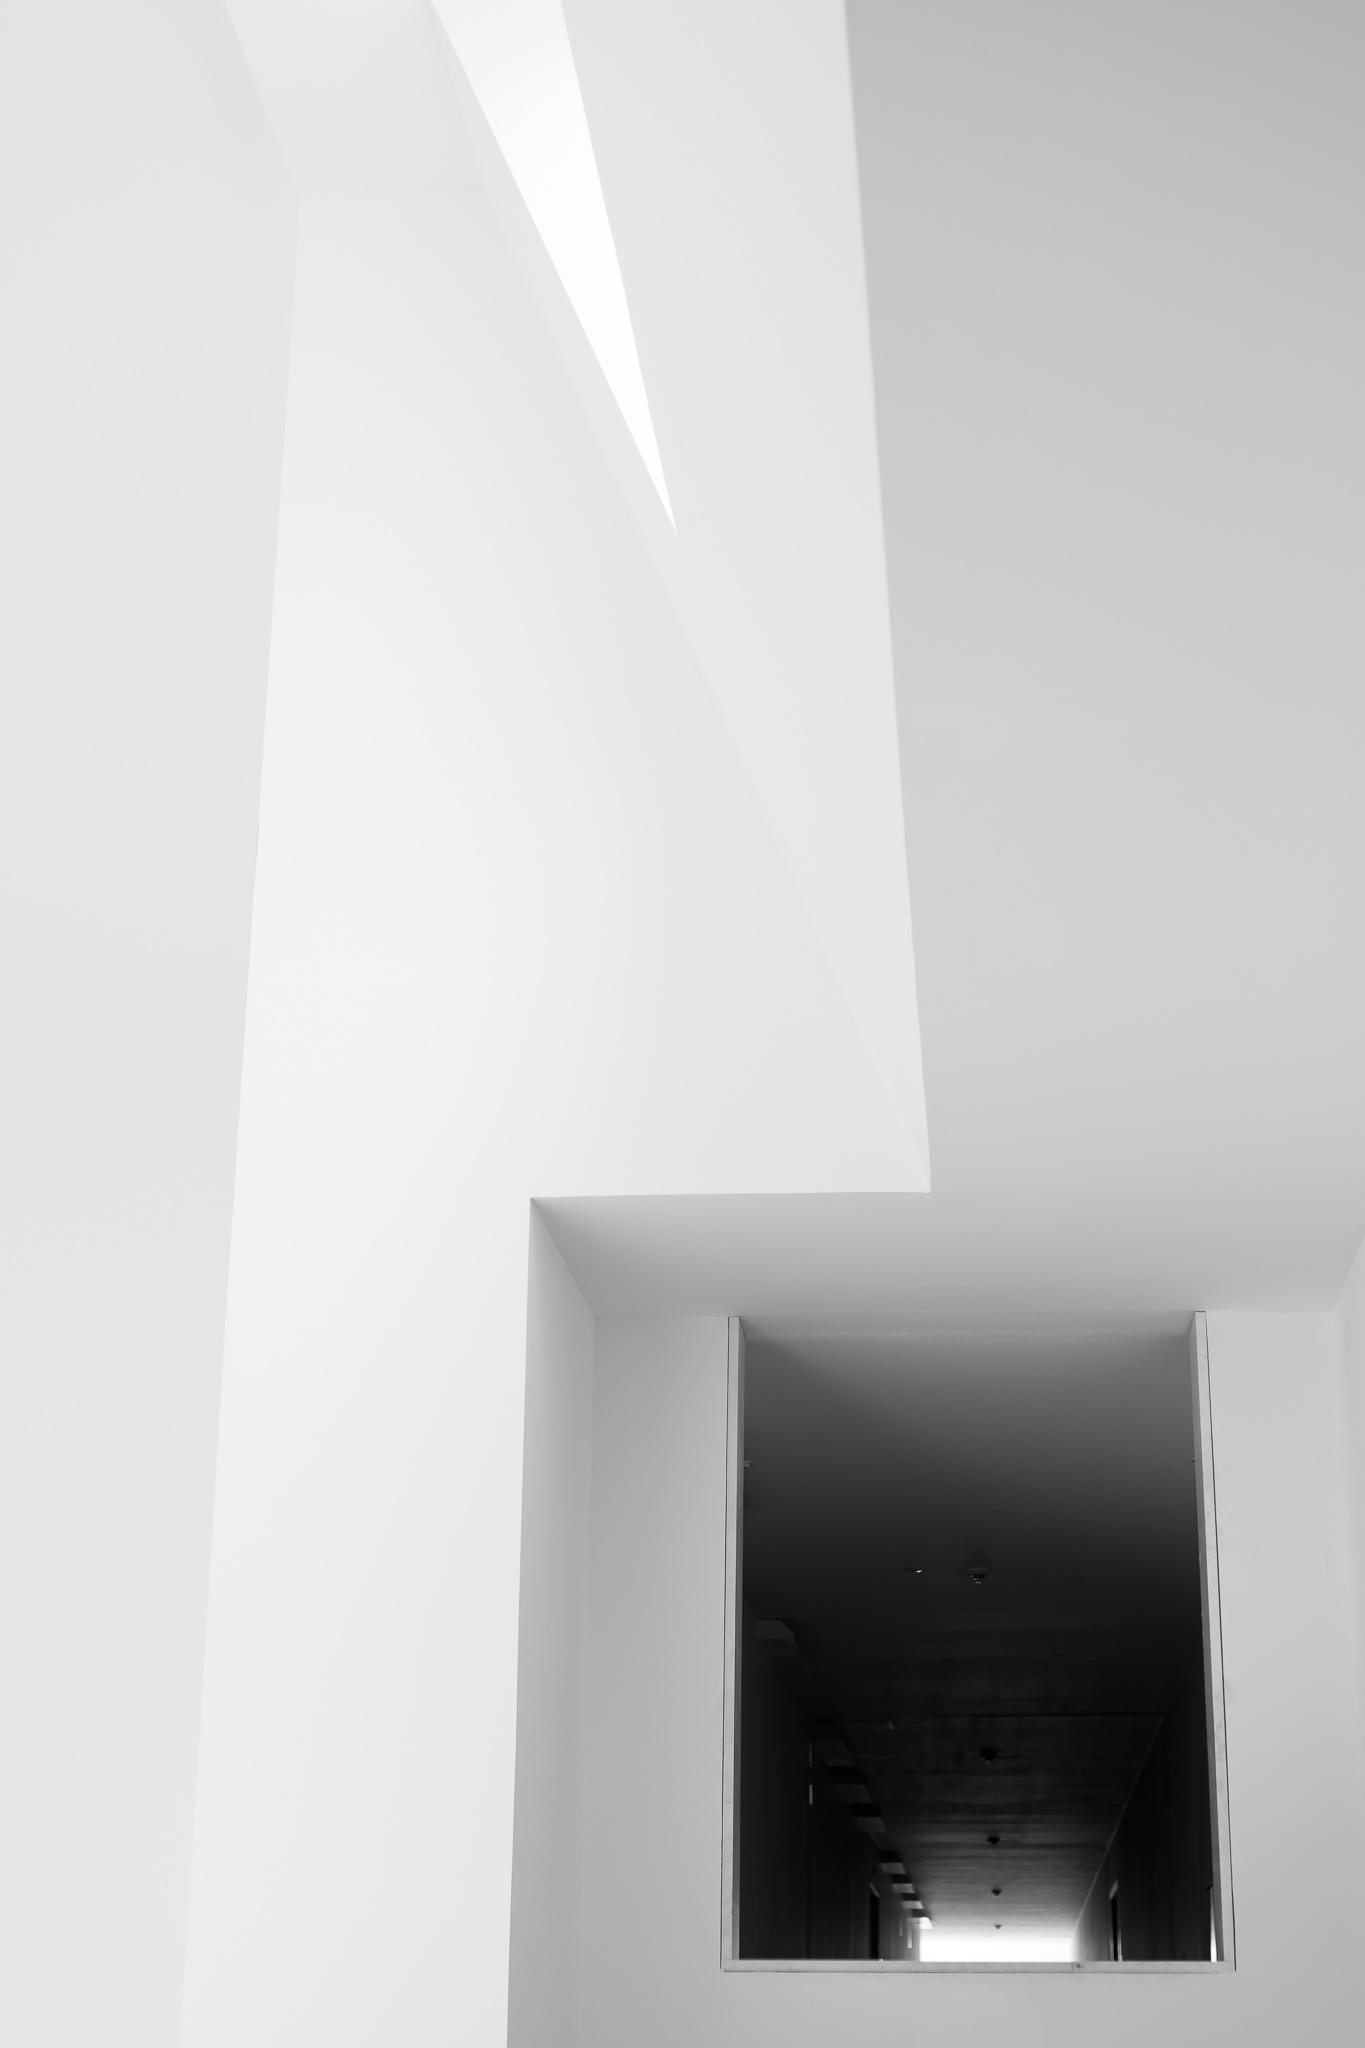 <p>Situado en el límite del casco histórico de Compostela y en las inmediaciones del convento de San Domingos de Bonaval, el edificio fue diseñado por el arquitecto portugués Álvaro Siza entre 1988 y 1993. <br><br> Este edificio de vanguardia resuelve con acierto las dificultades de una situación en la misma puerta de entrada del Camino Francés a Compostela y de un recinto arquitectónico barroco. <br><br> Su estructura interior cuenta con grandes espacios y destaca por su brillantez en el uso y constante presencia de luz exterior. </p>